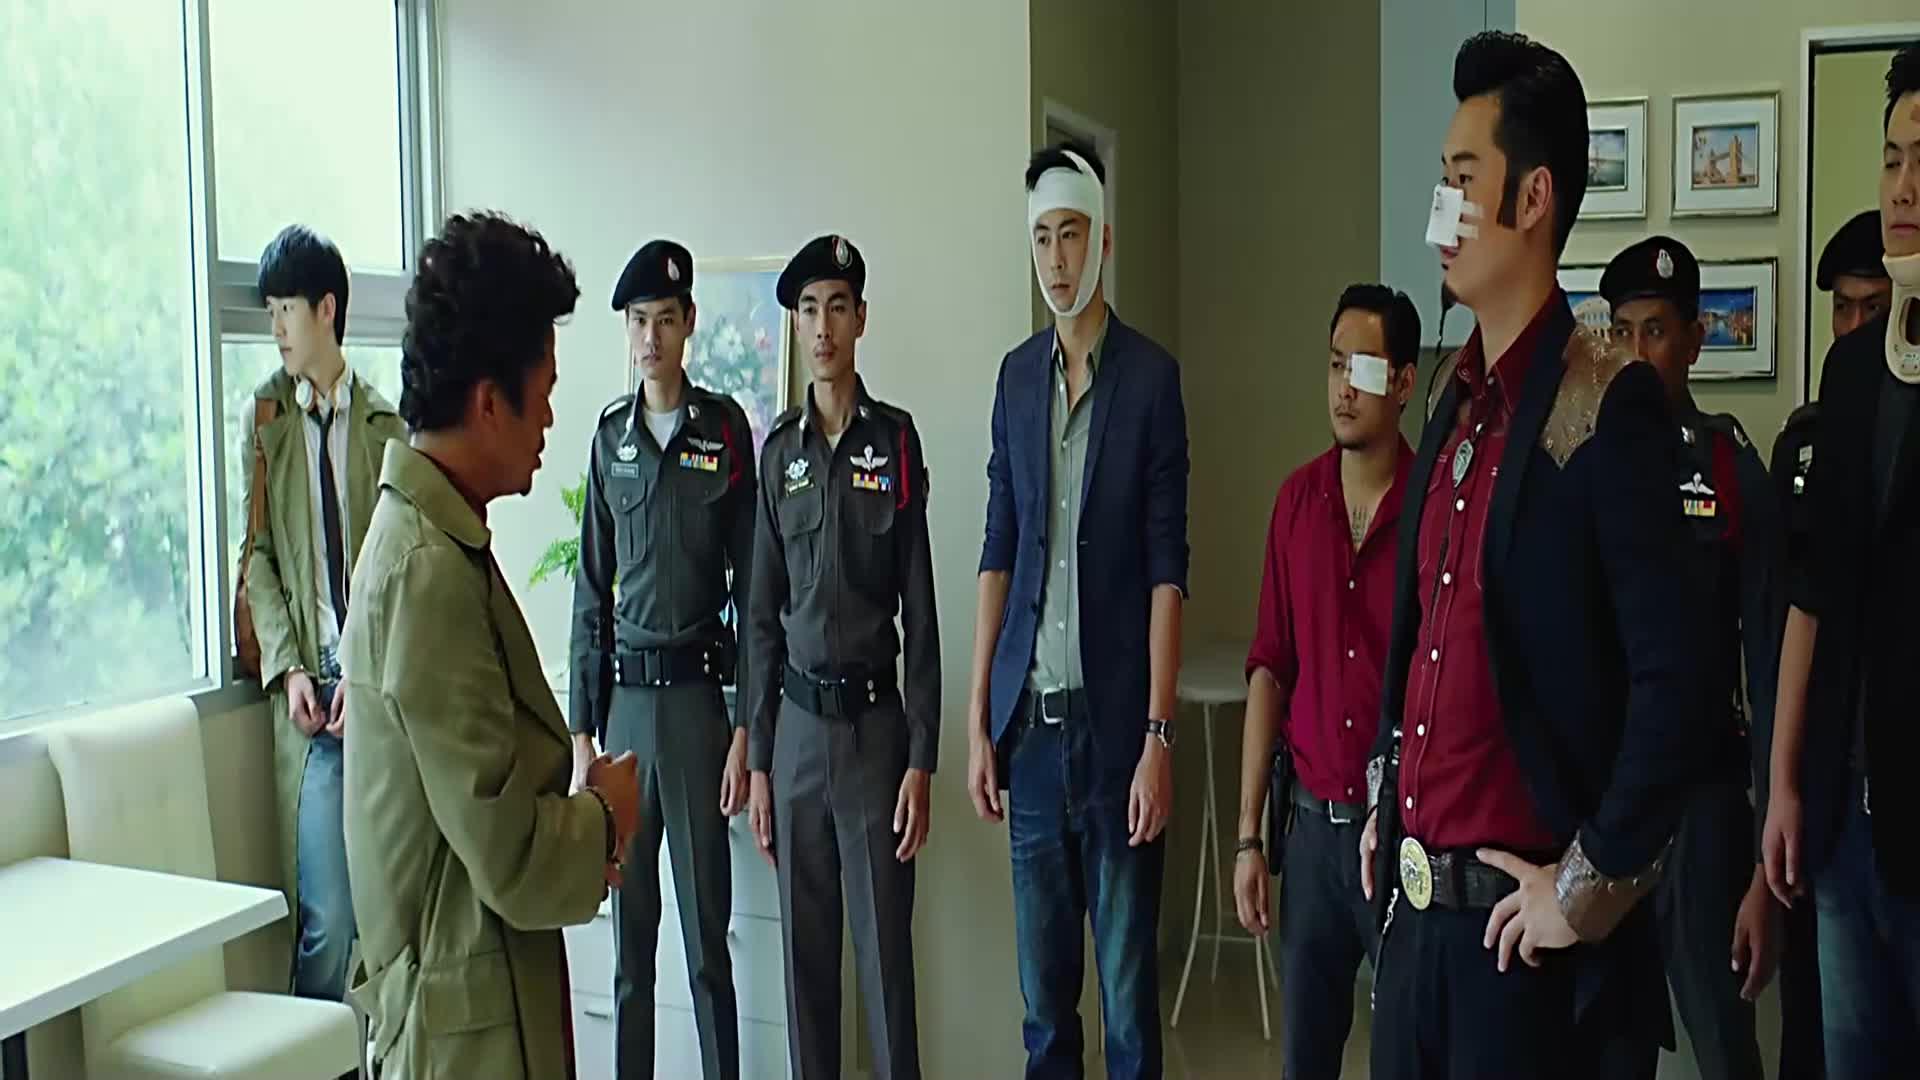 唐人街探案1:刘昊然的功劳,都被王宝强抢了,太坏了!